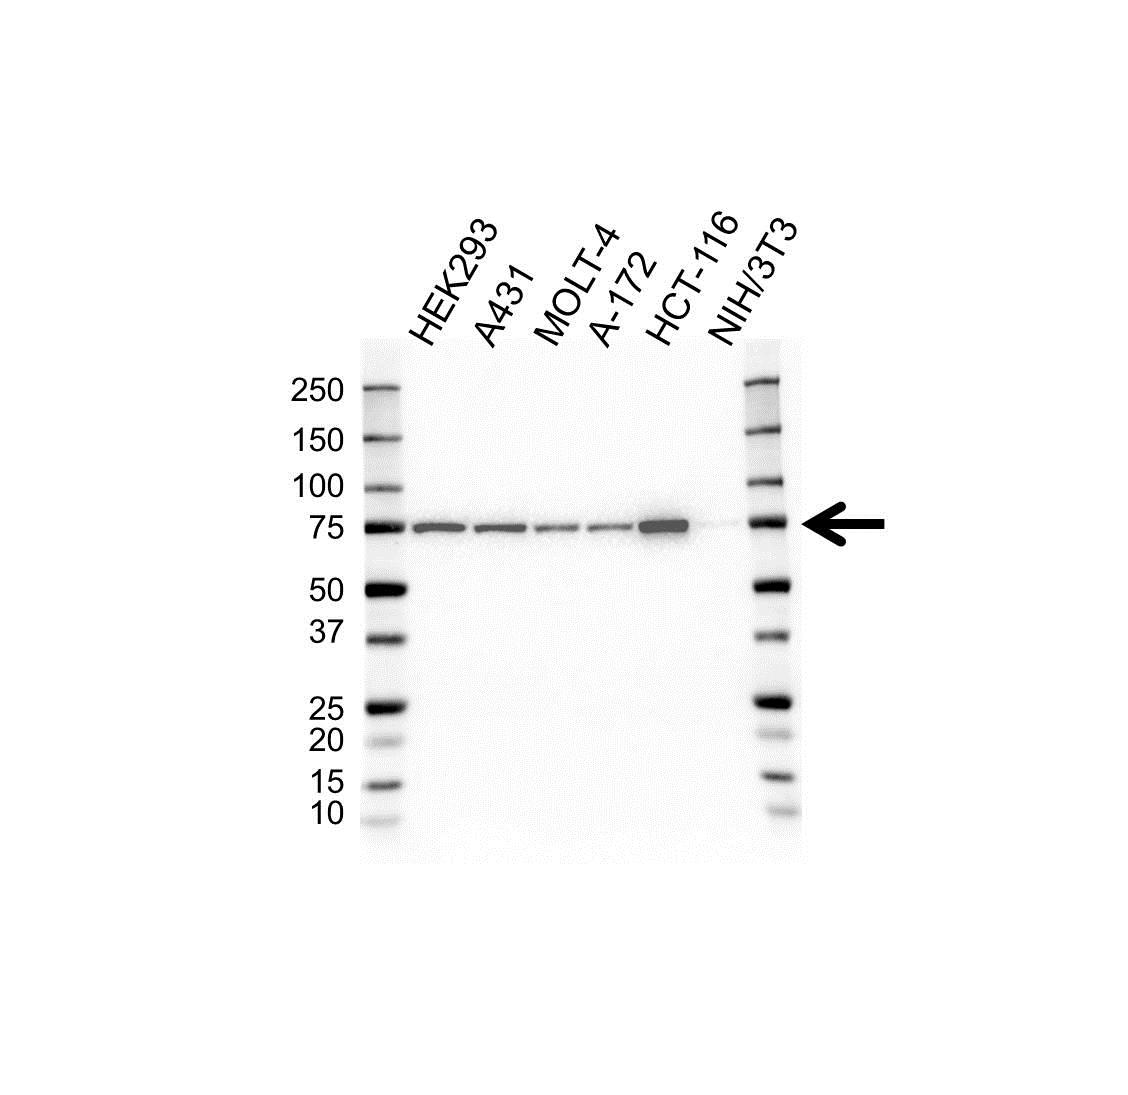 Anti Heat Shock Protein 75 Antibody, clone 1A1 (PrecisionAb Monoclonal Antibody) gallery image 1